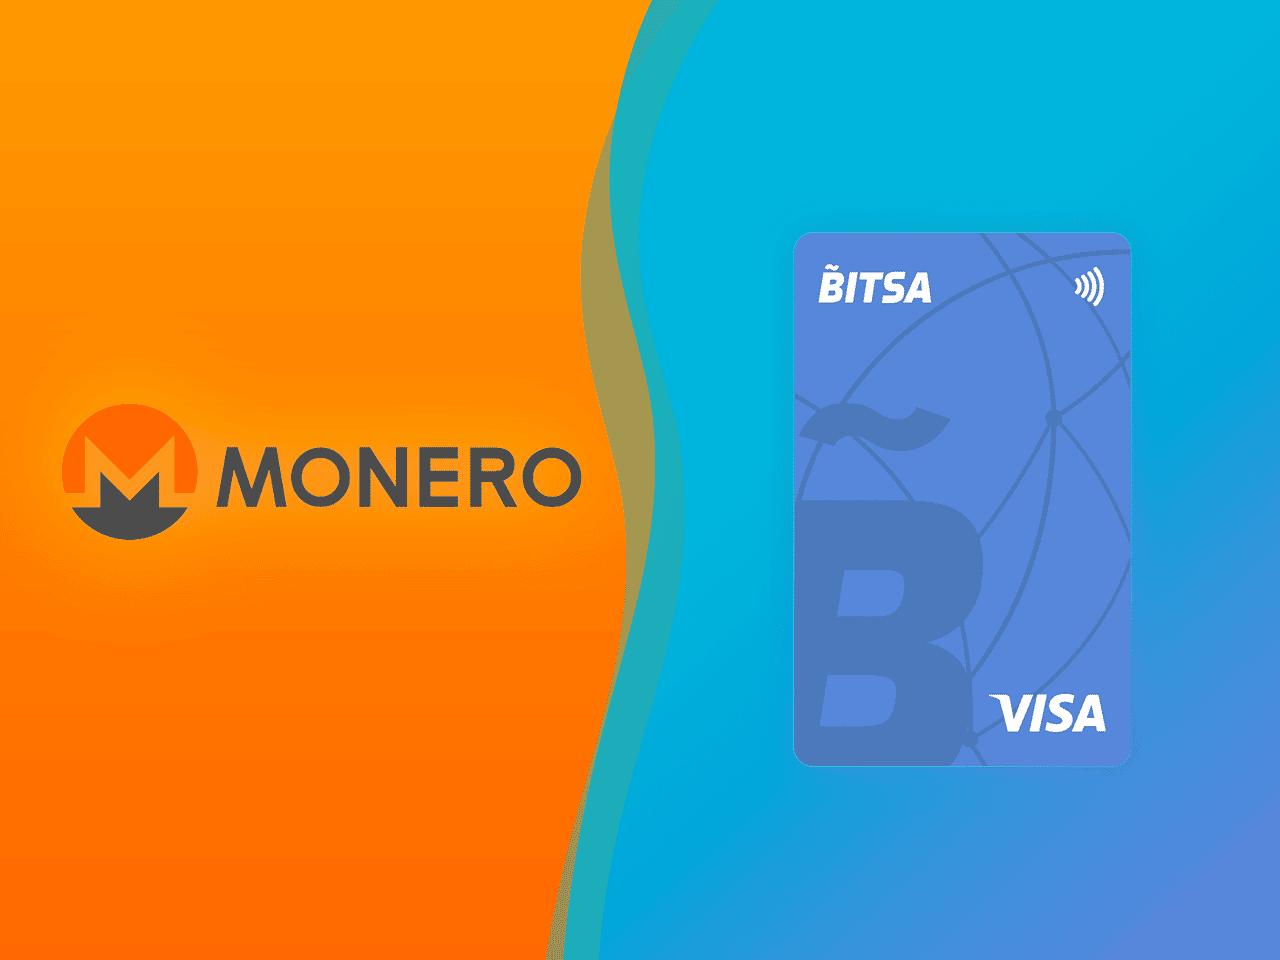 Recargar tarjeta Bitsa con Monero XMR